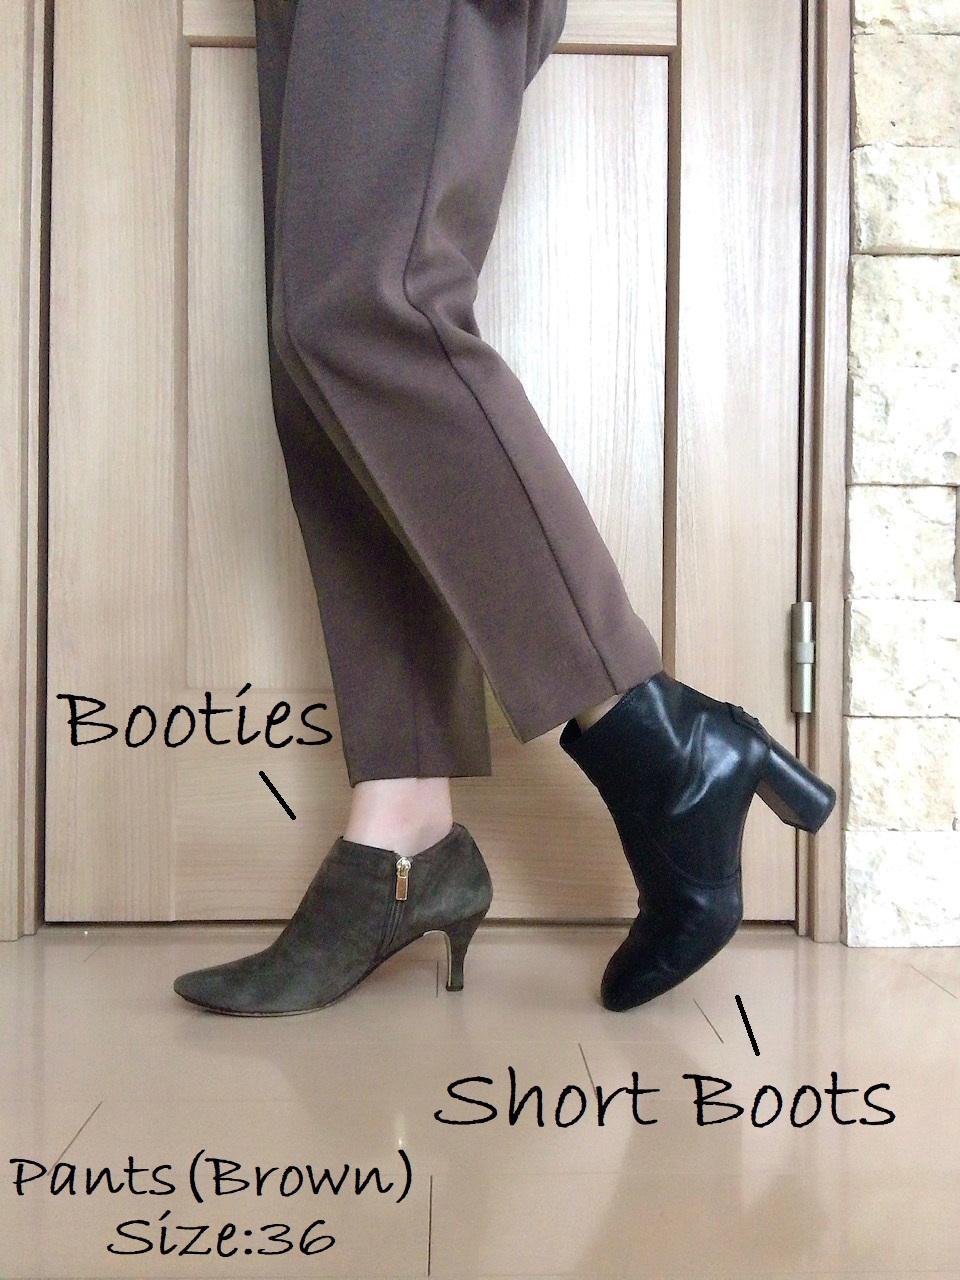 コラボ商品のパンツとブーツを合わせた画像